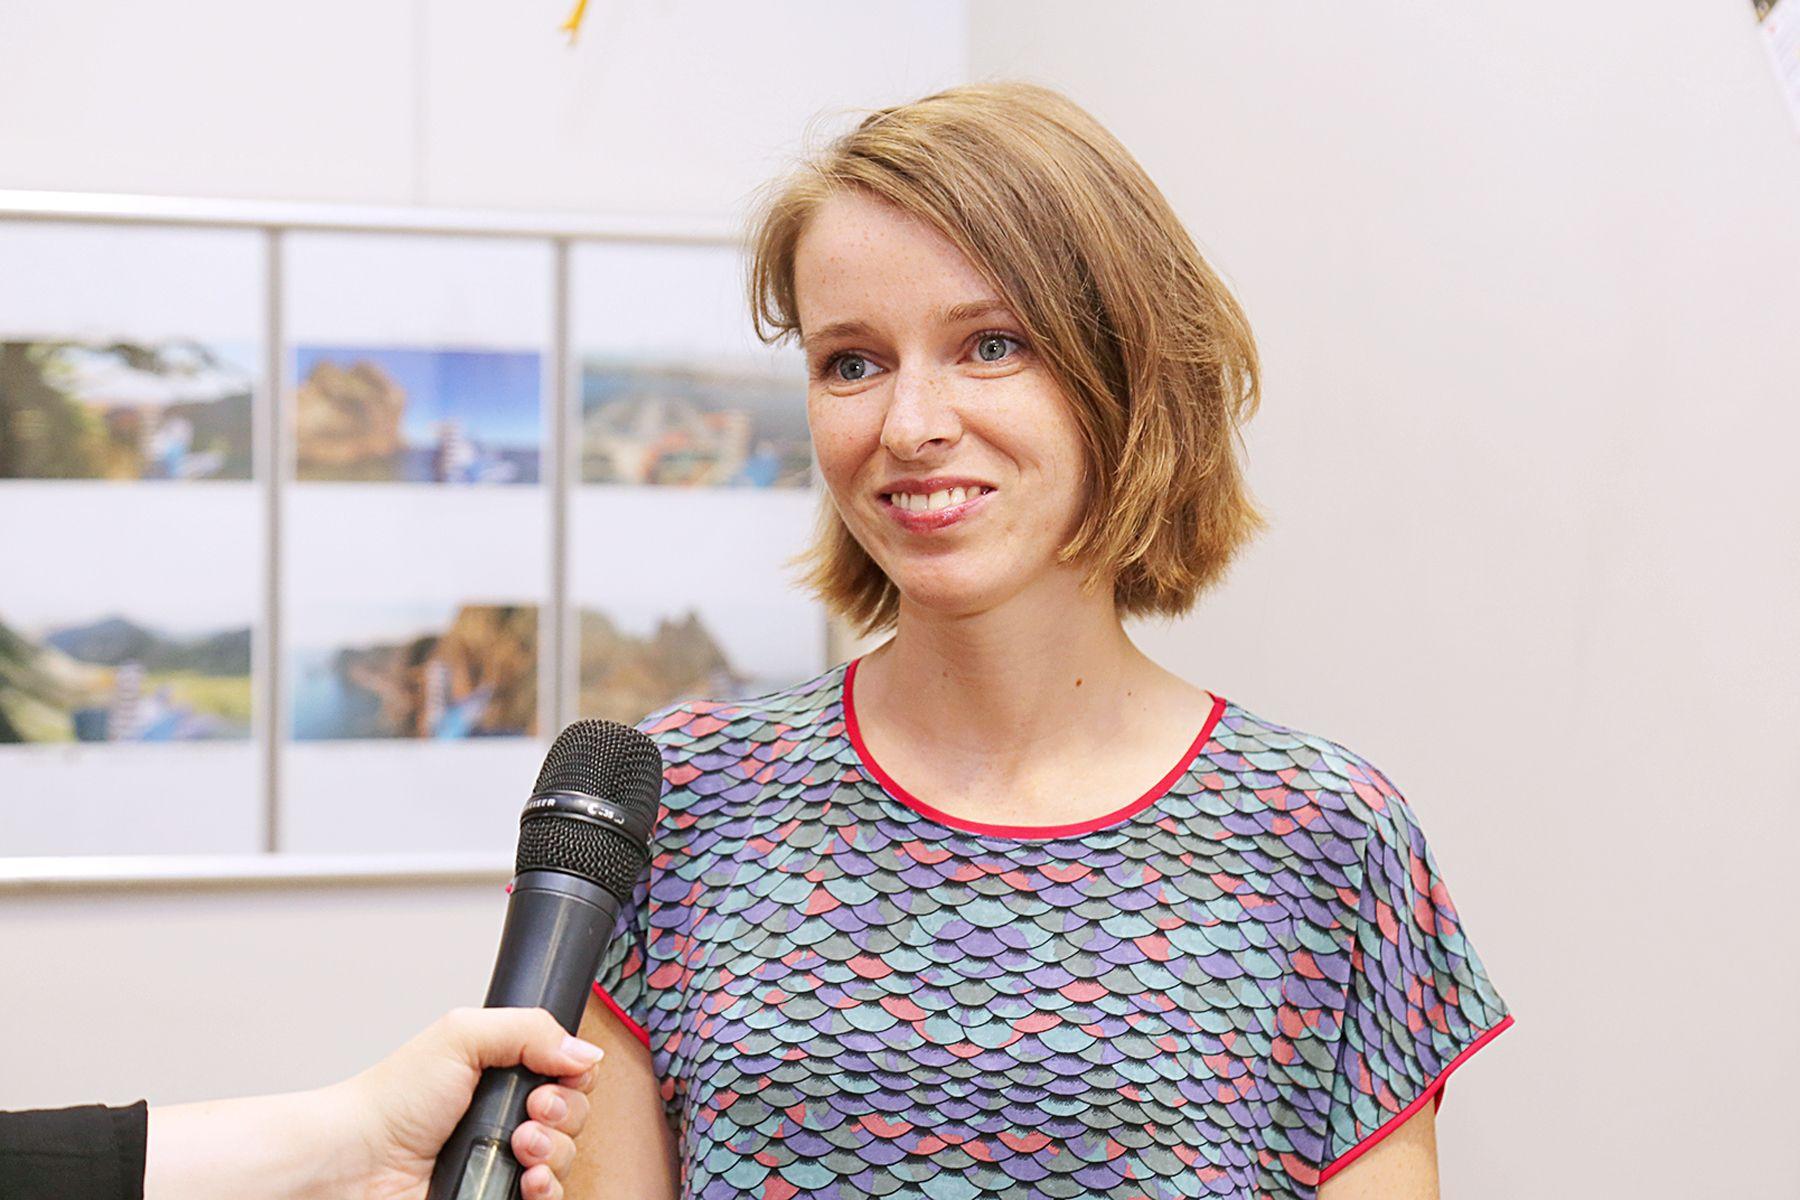 В Музее ВГУЭС открылась персональная выставка выпускницы кафедры дизайна Лауры Колес